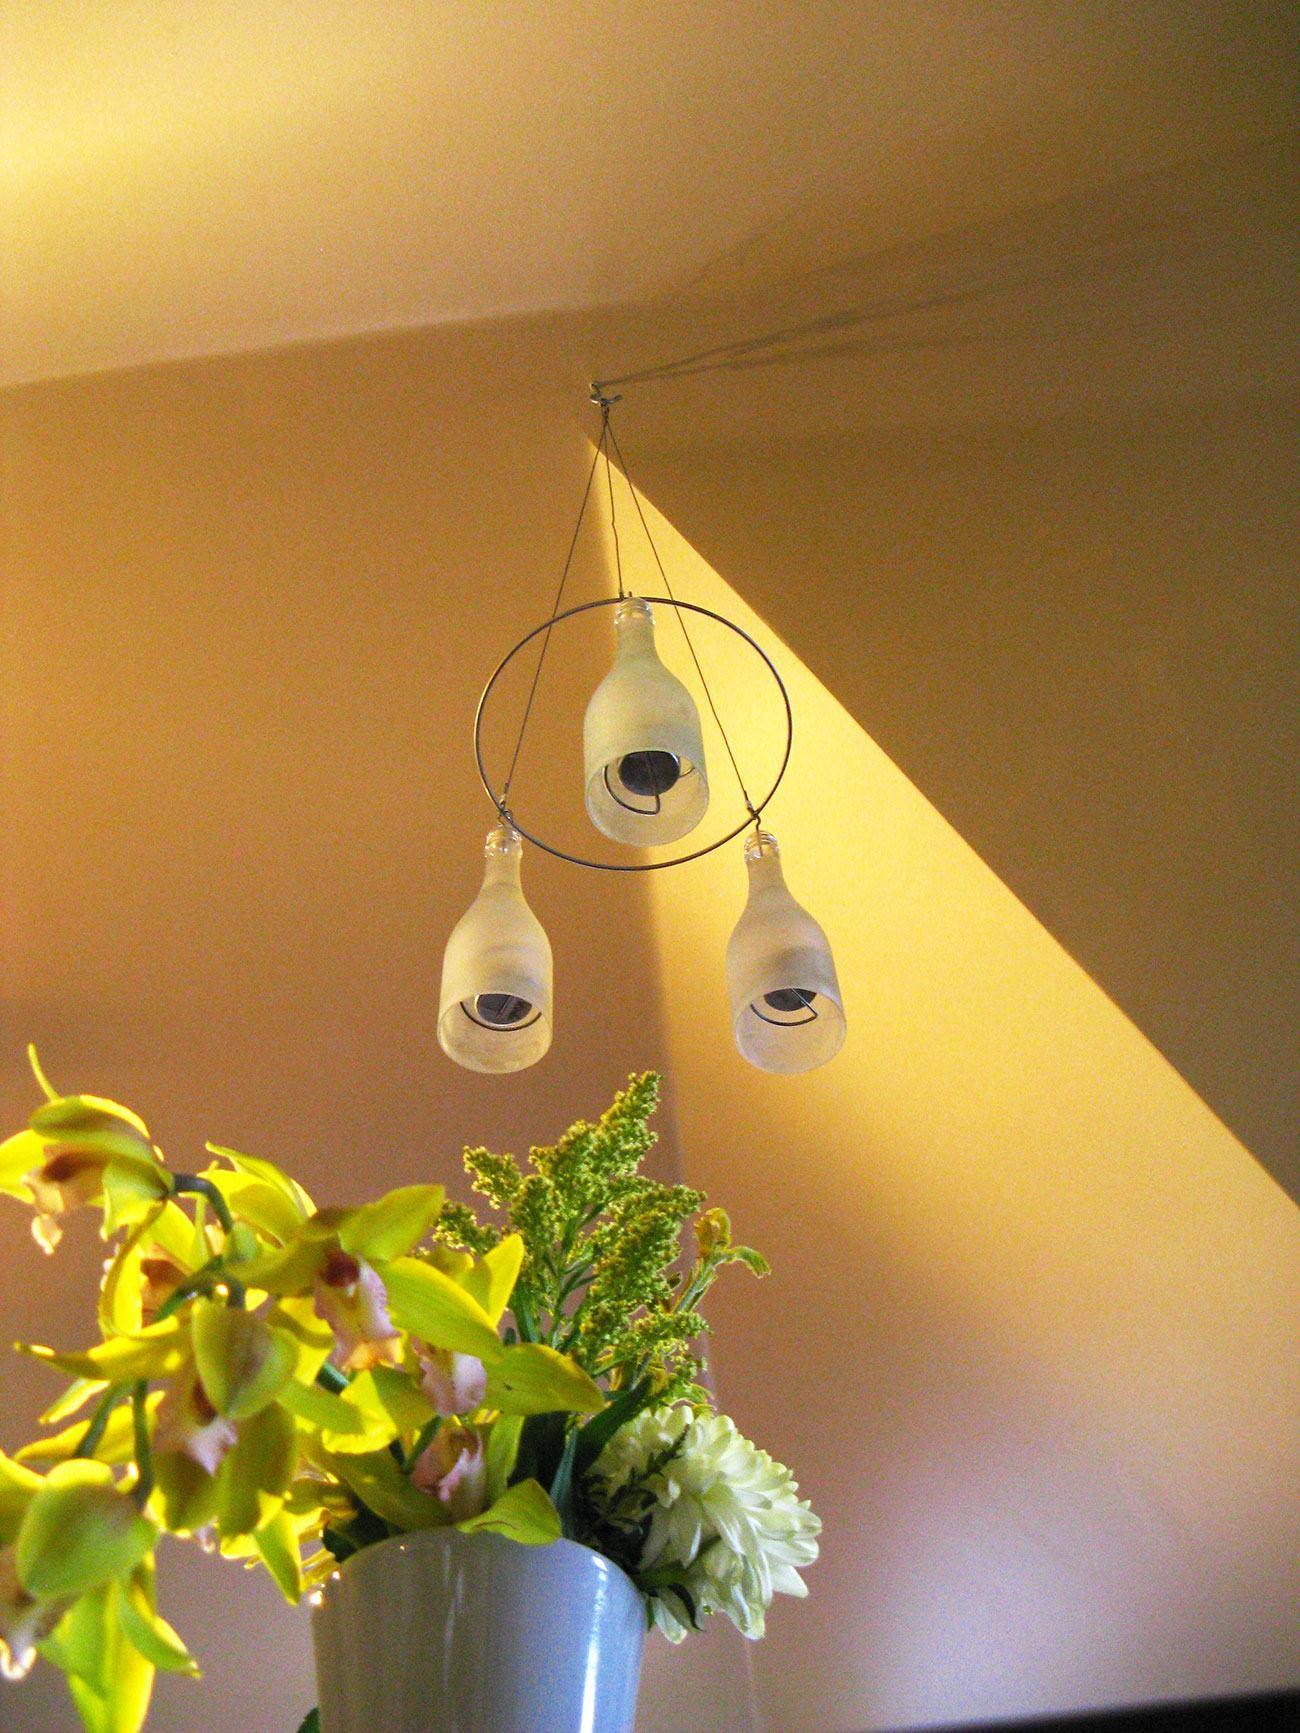 Luminária suspensa com garrafas de vidro.